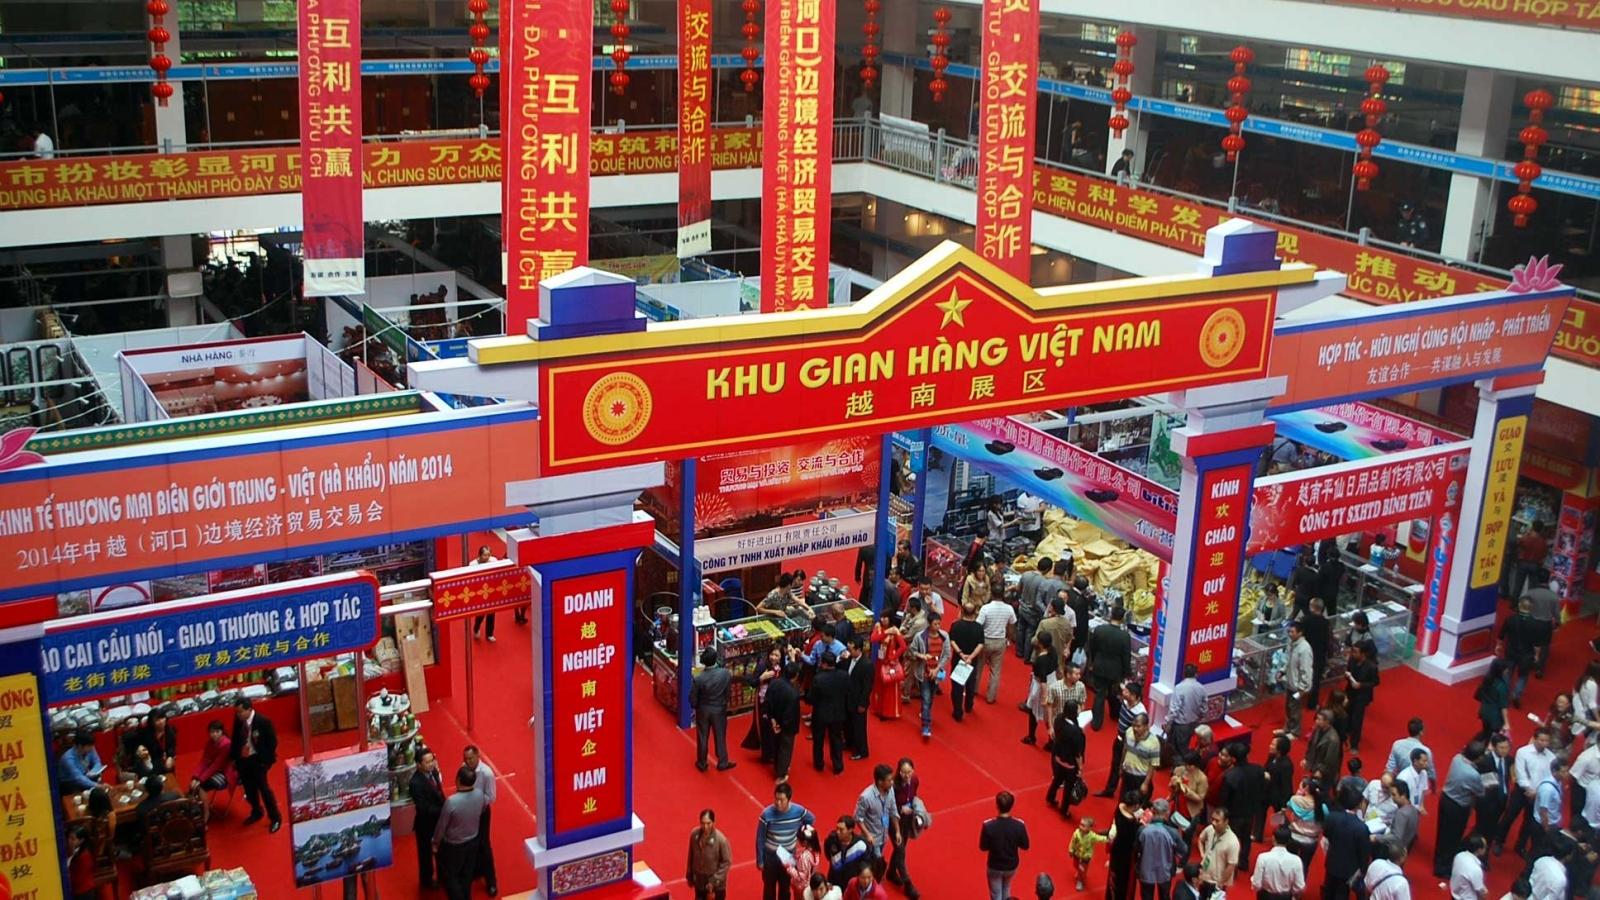 Hội chợ biên giới Việt - Trung sẽ tổ chức trực tuyến